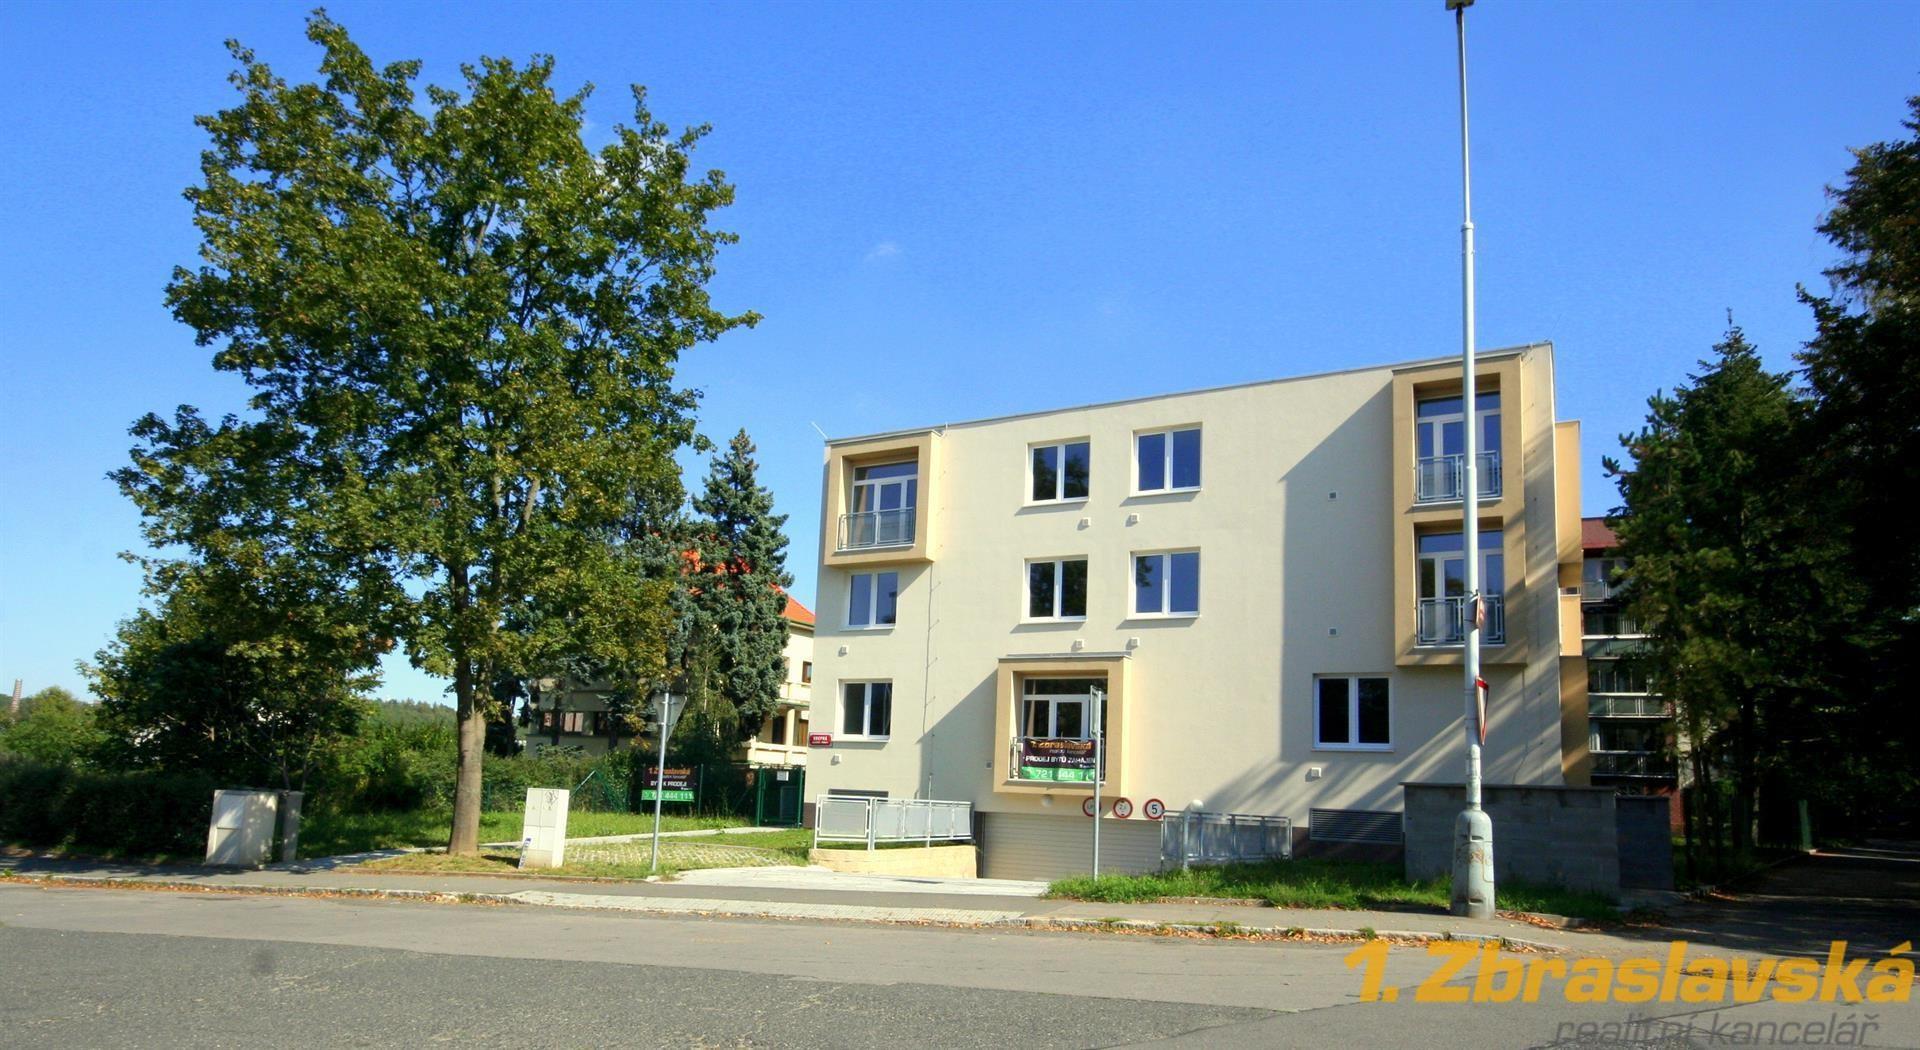 Bytový dům Komořany, 18 bytů na prodej v žádané lokalitě